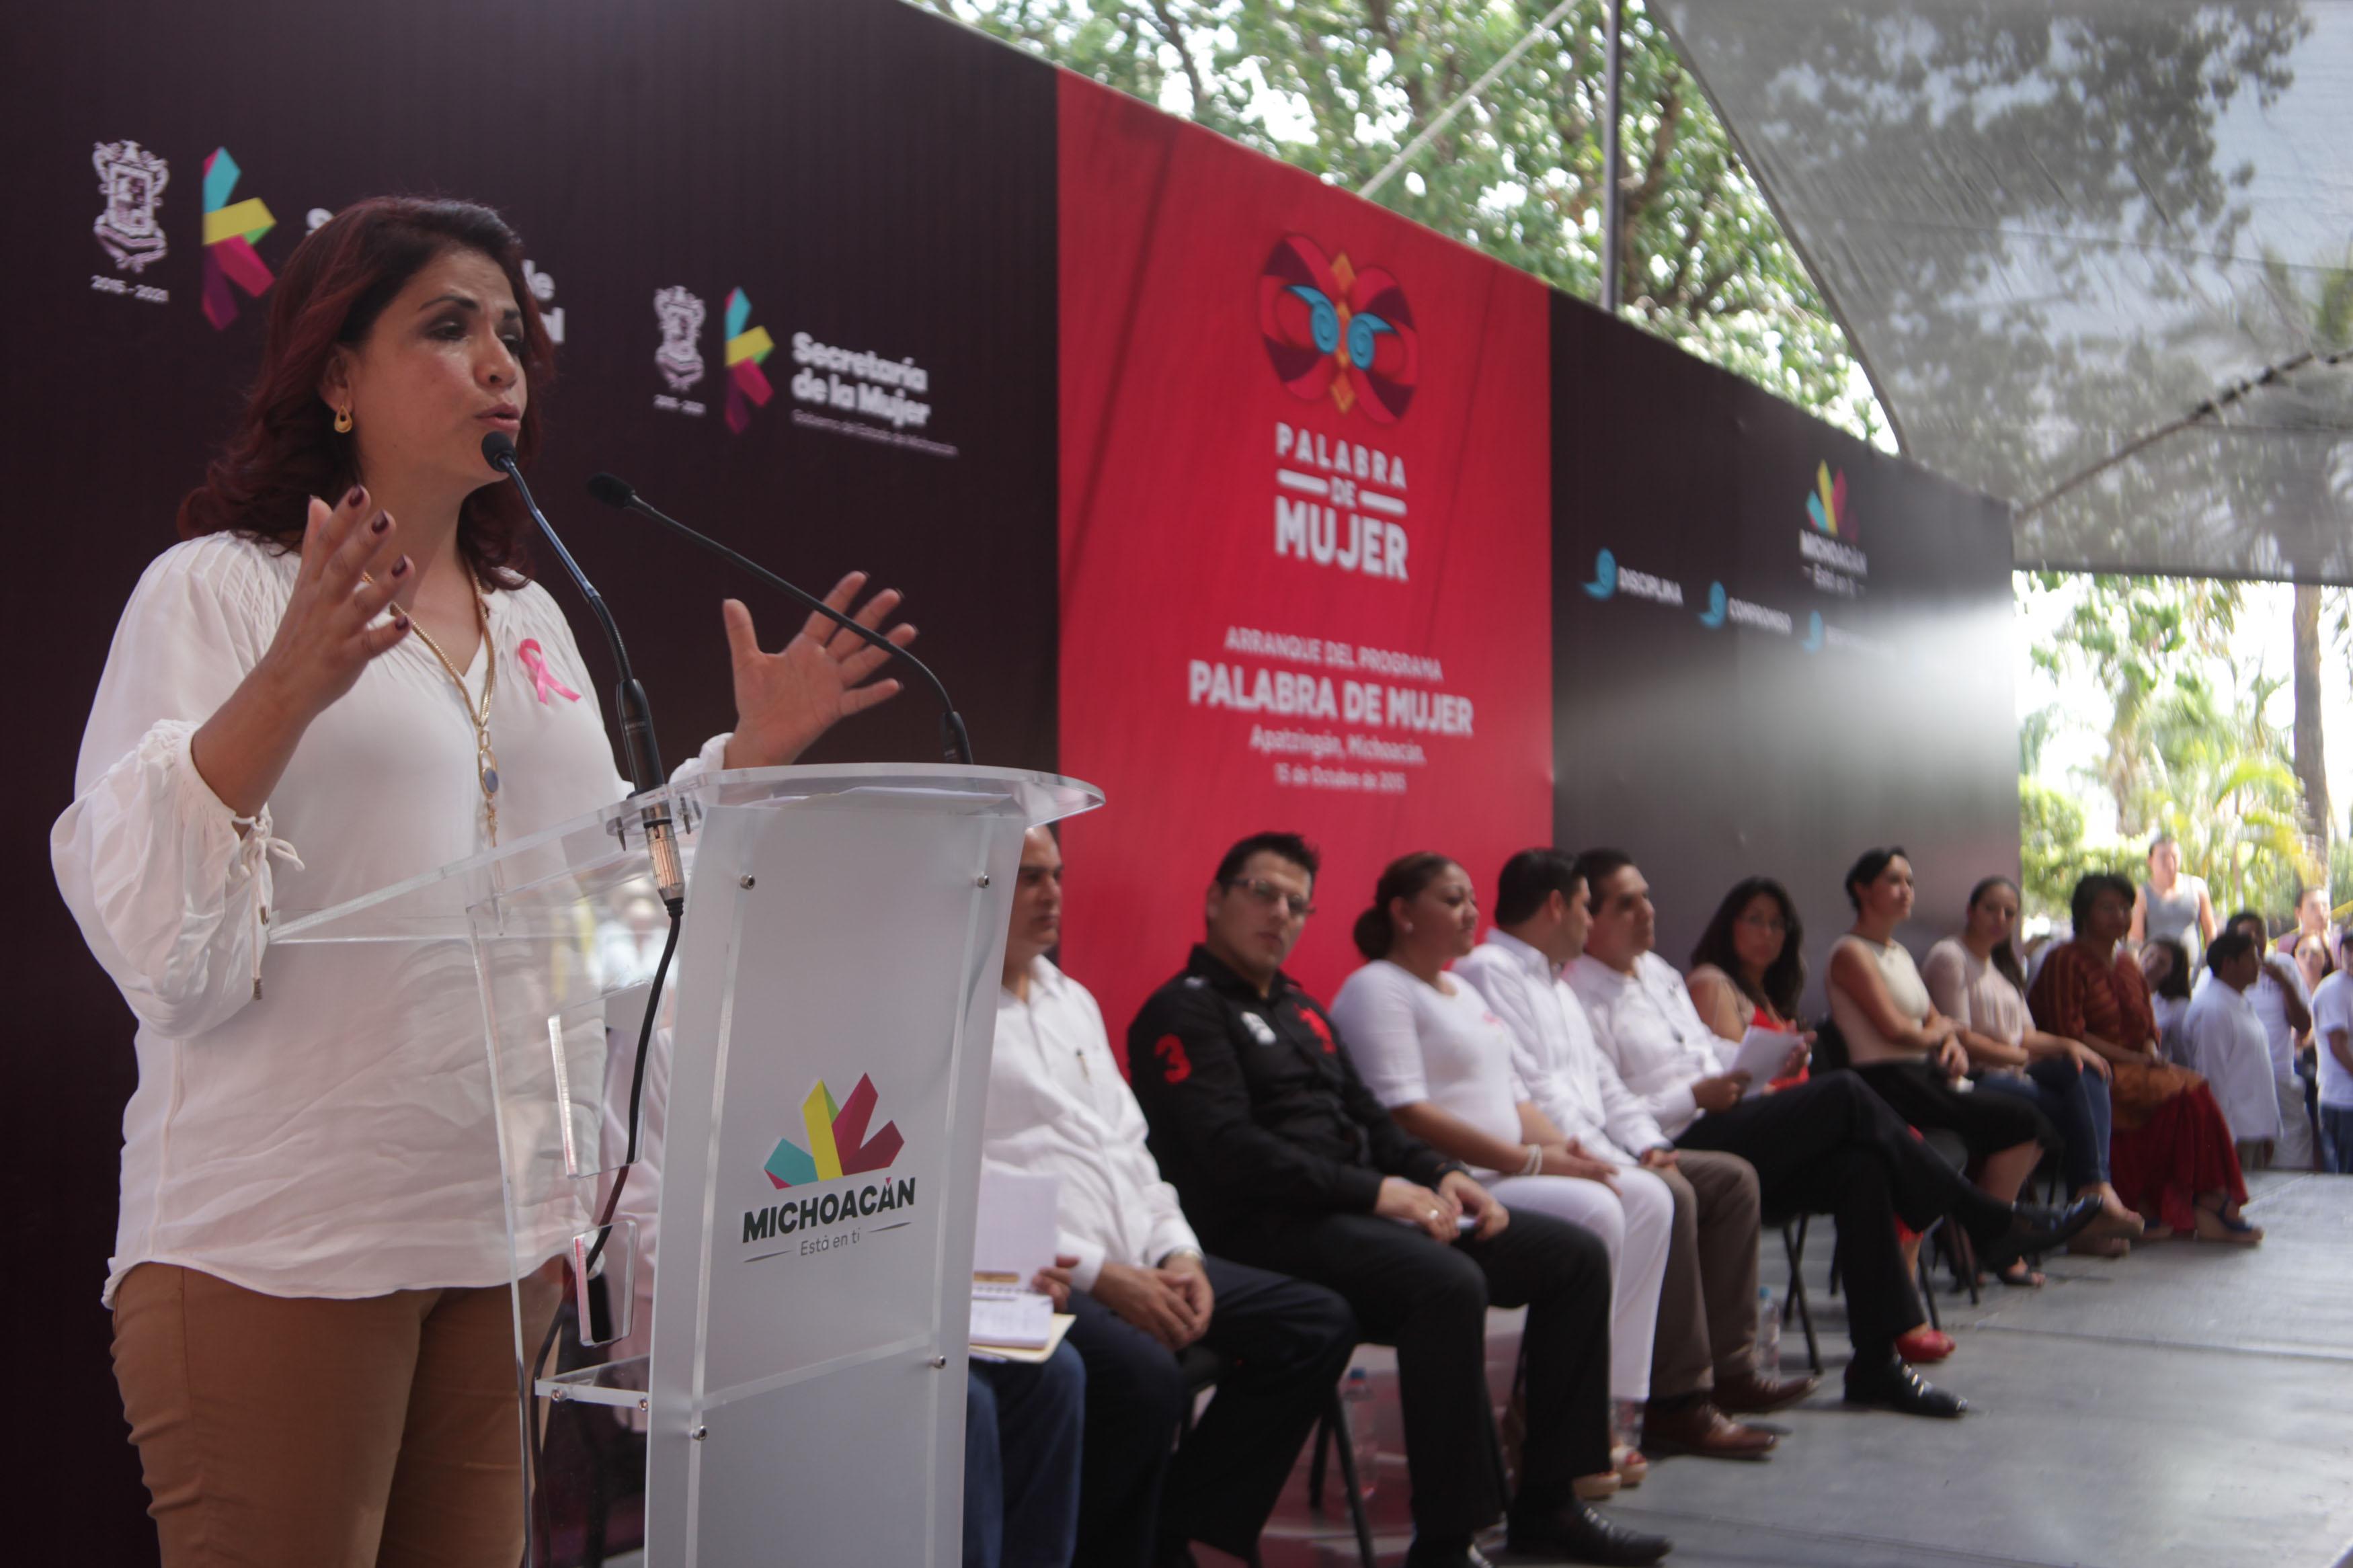 Mujeres de Michoacán de ocampo gratis.